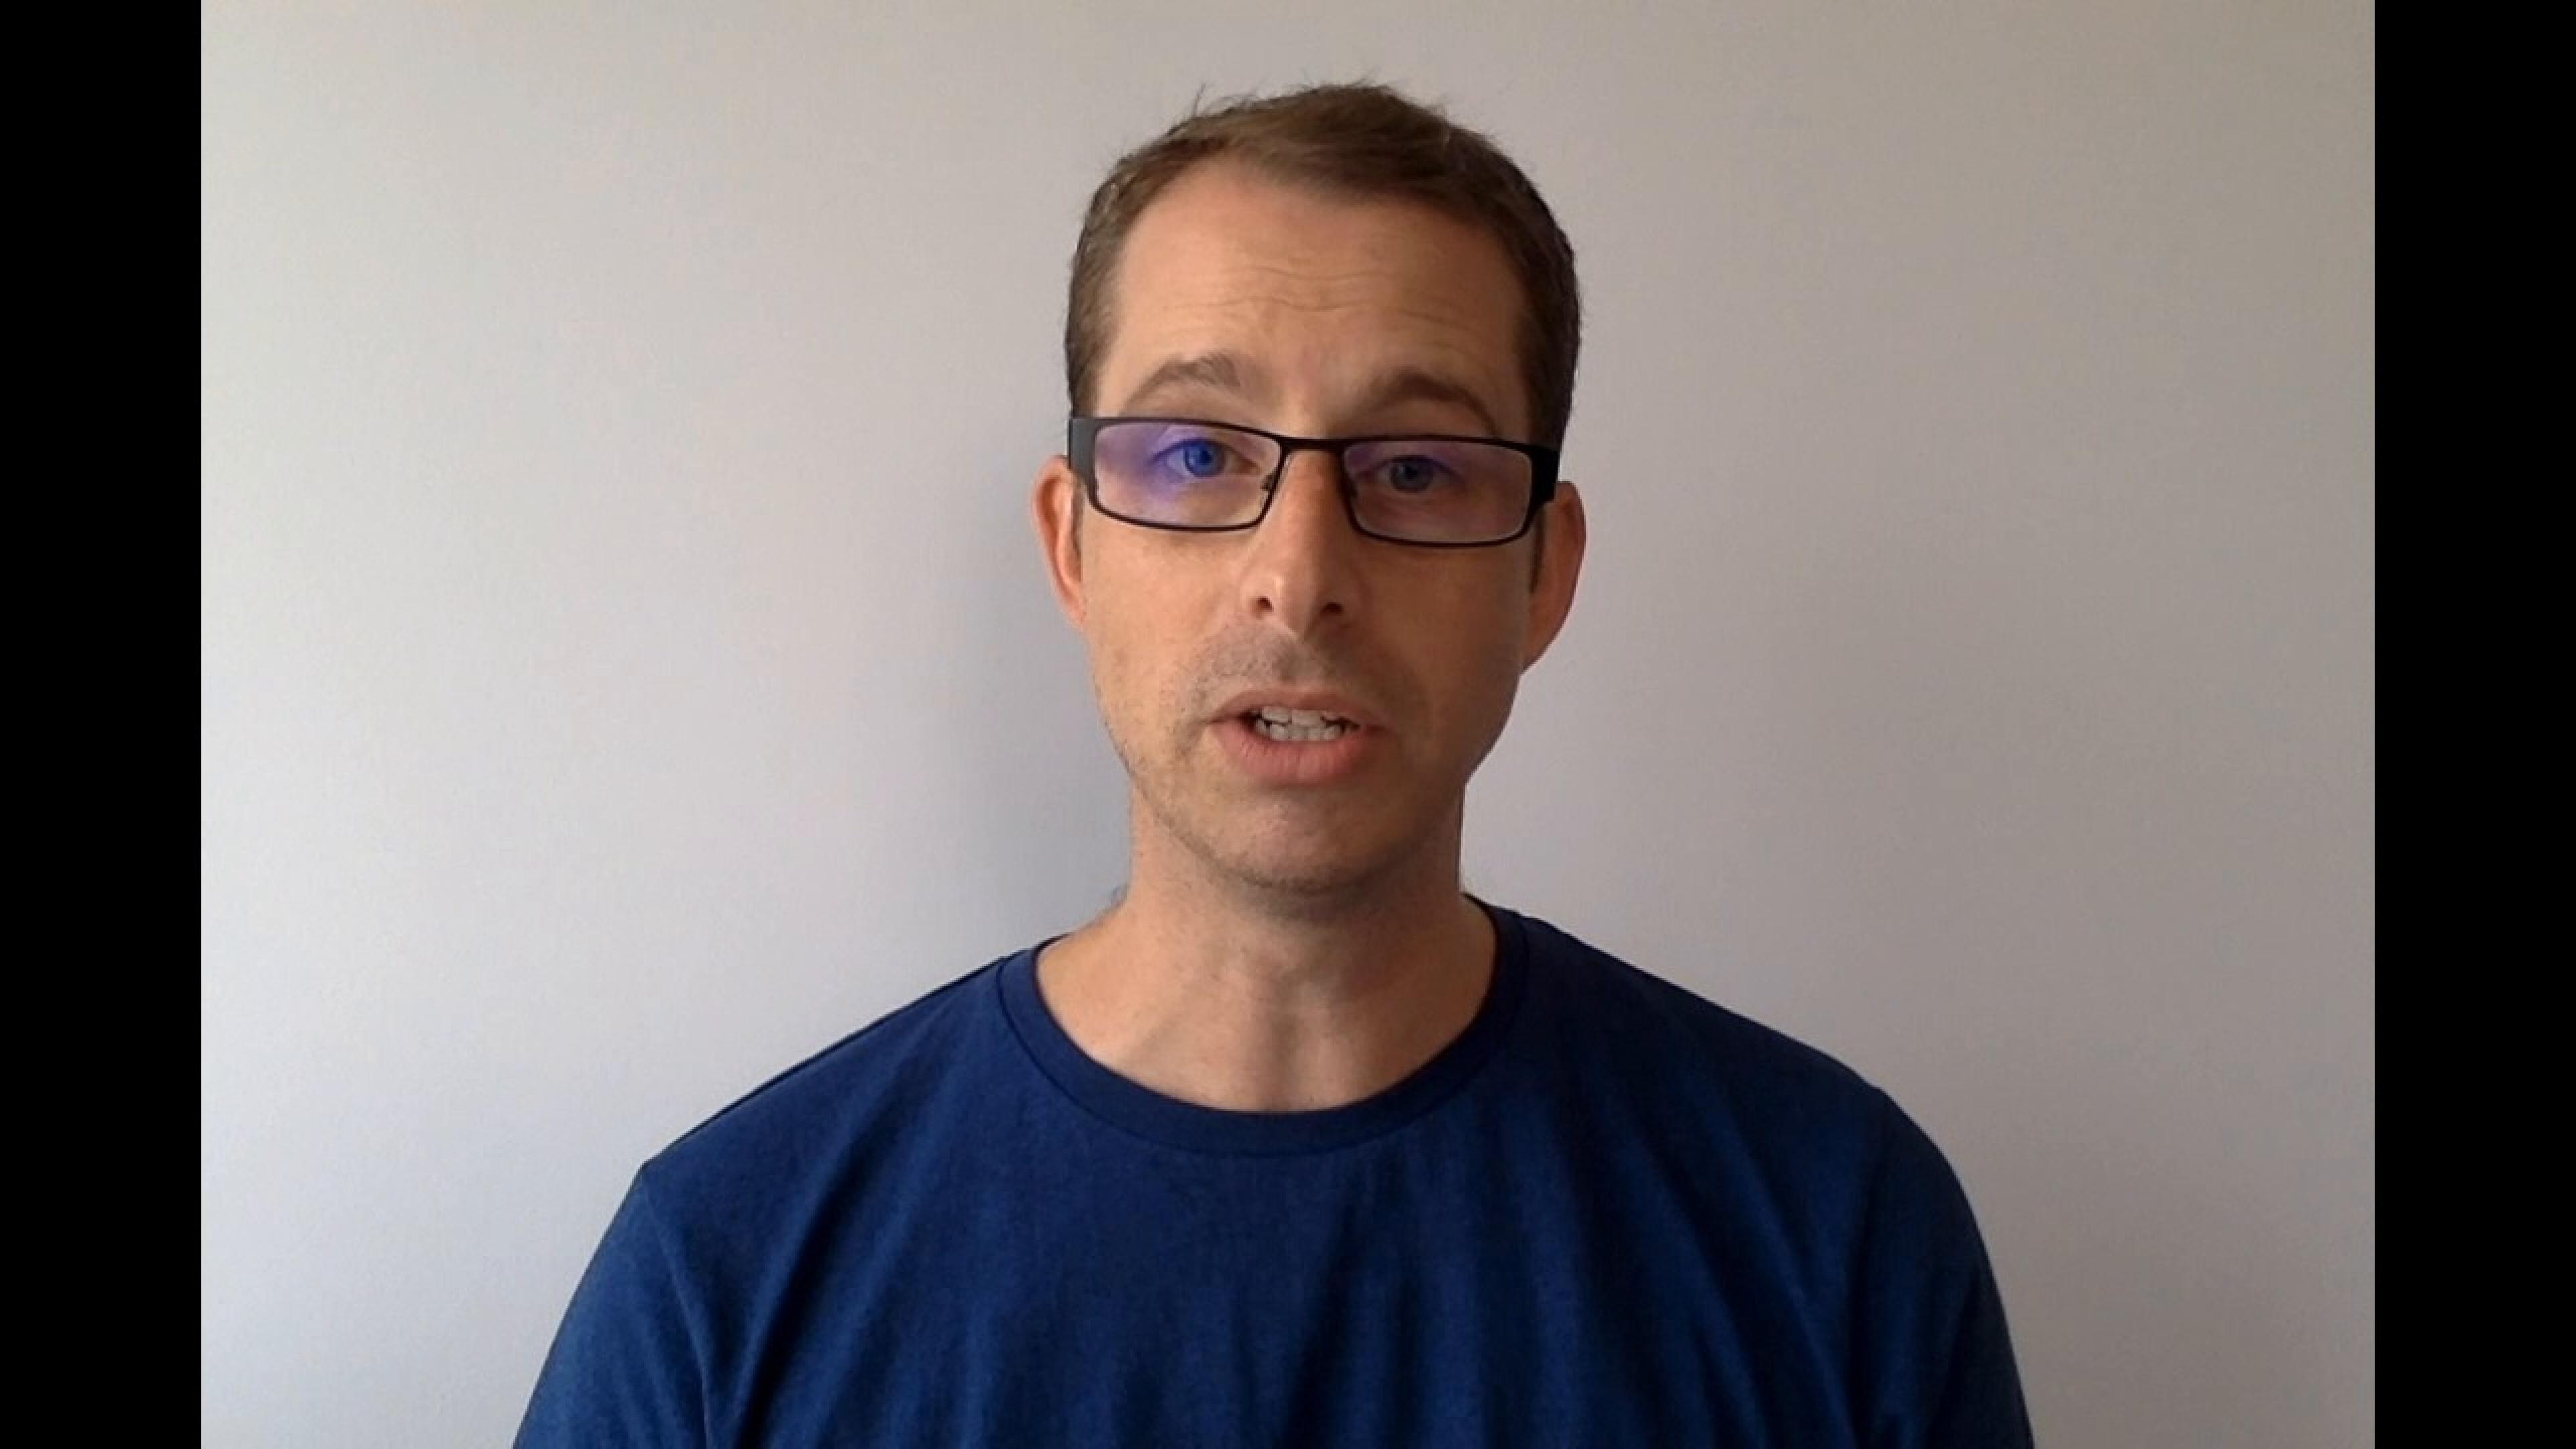 99 Second Talk - 3x3 Idea Generation - Simon Tomes